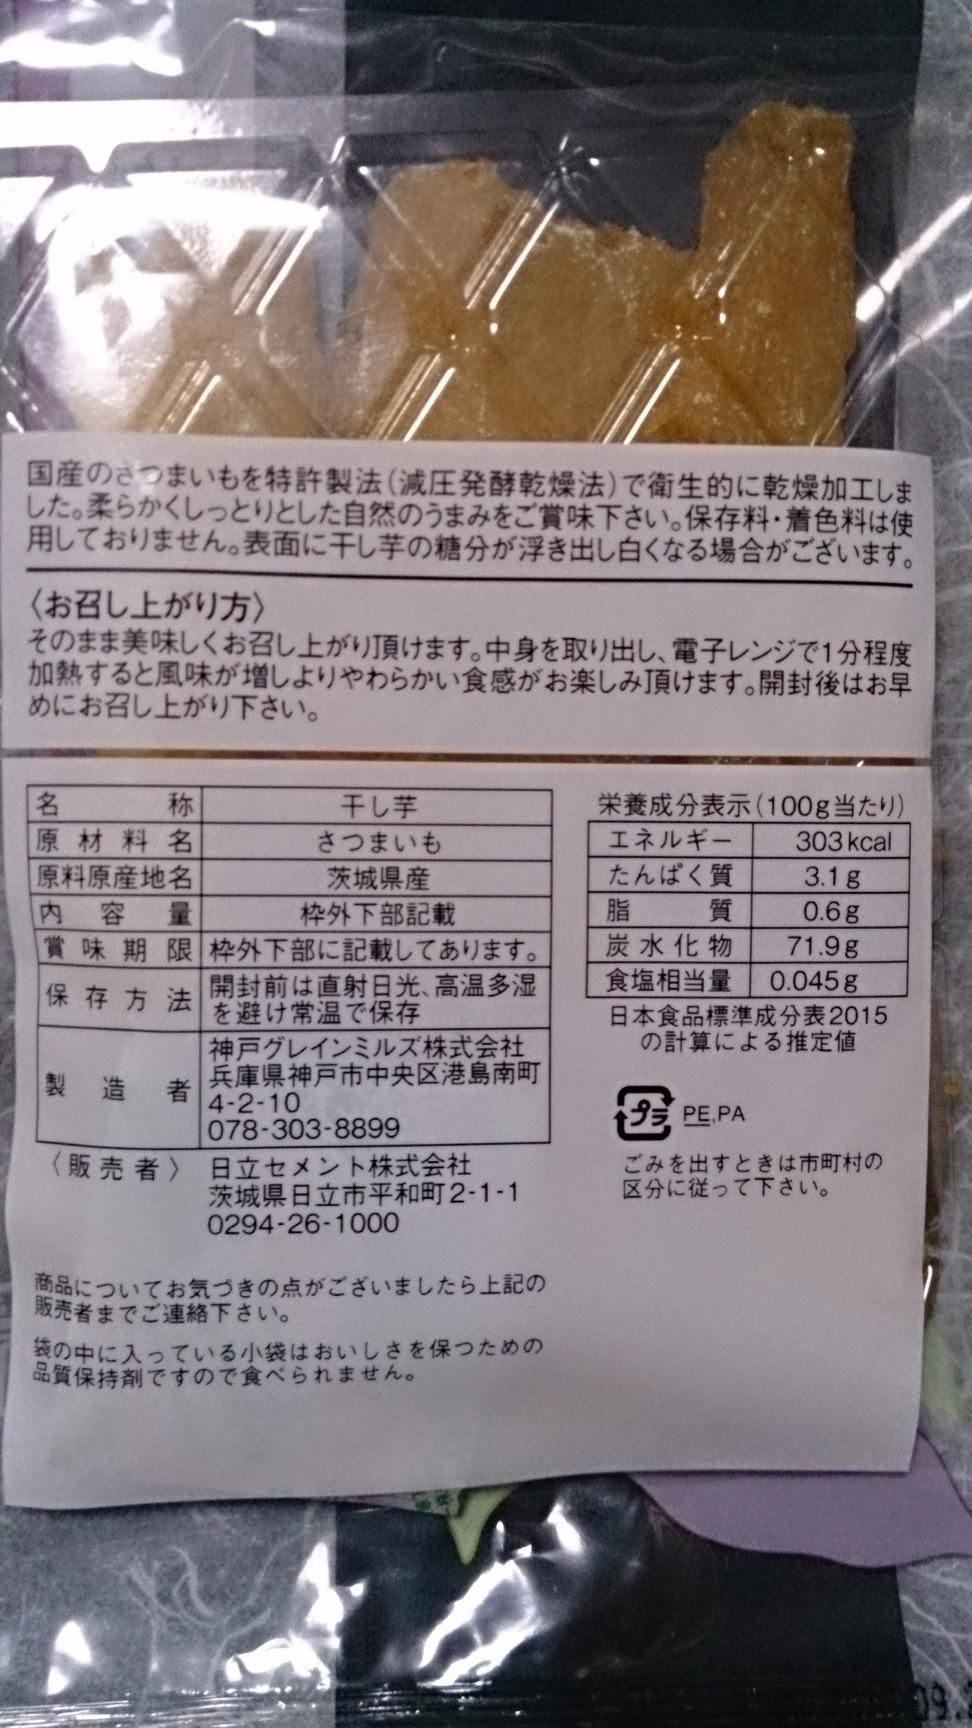 セメント屋さんの干し芋 JR日立駅前店 name=